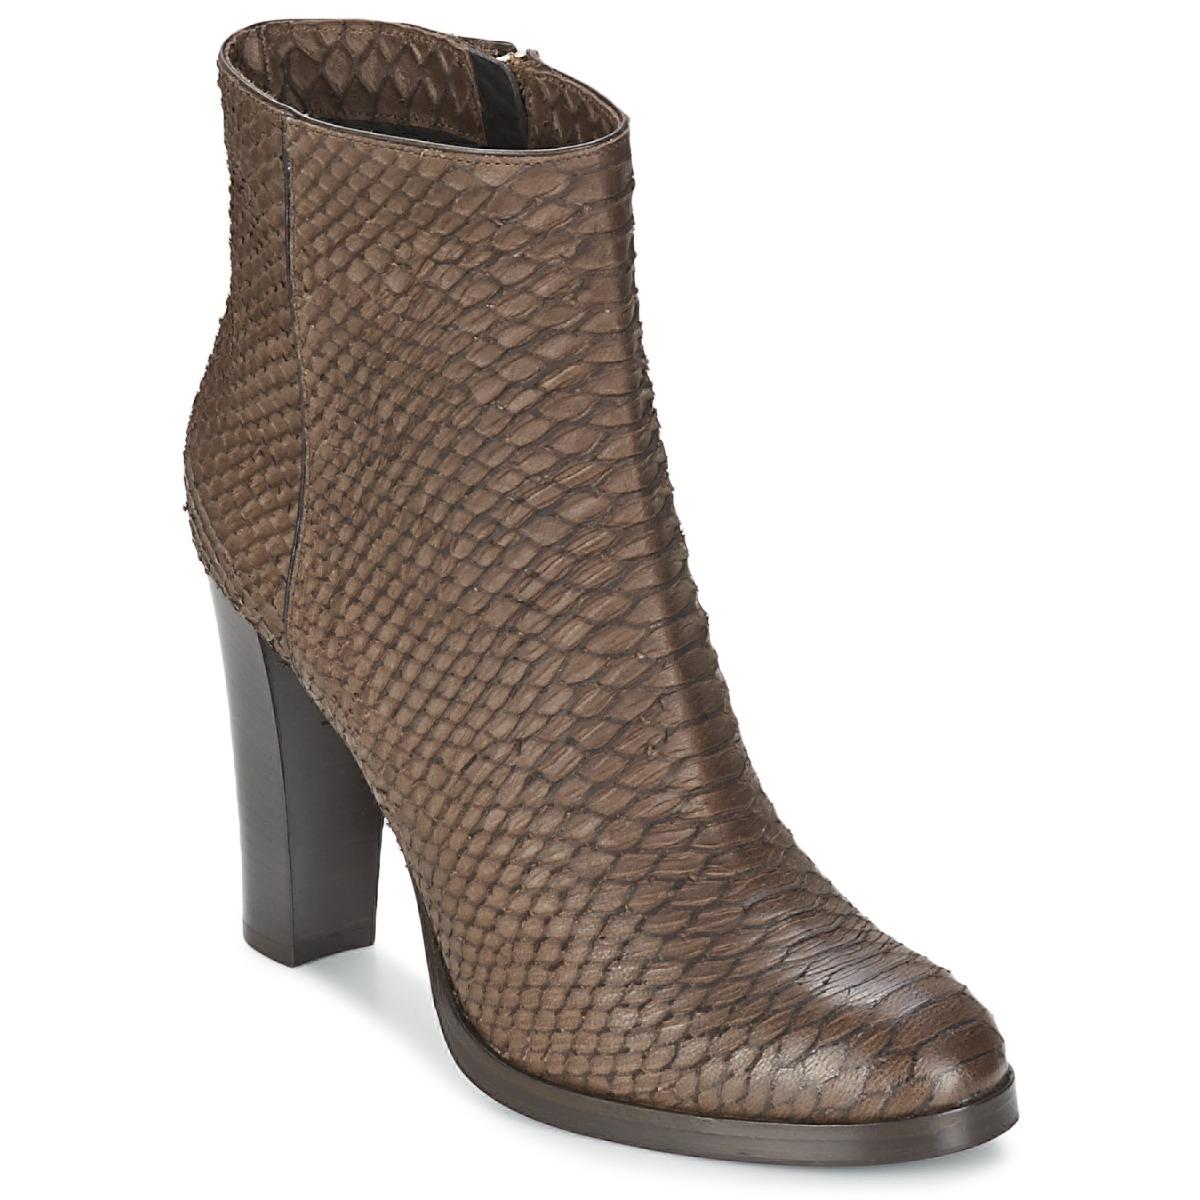 Alberto Gozzi MADRID T MORO Braun - Kostenloser Versand bei Spartoode ! - Schuhe Low Boots Damen 143,80 €